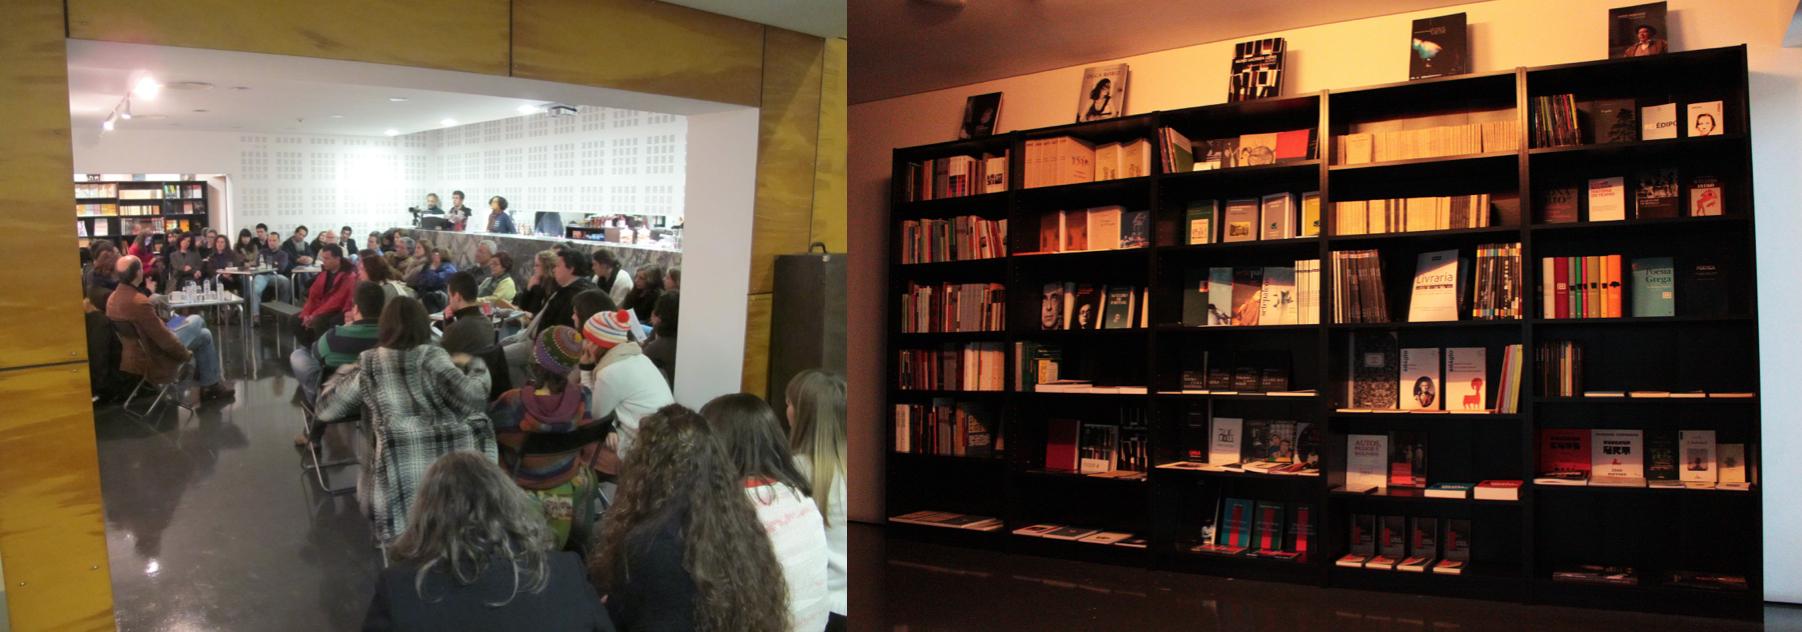 bar livraria